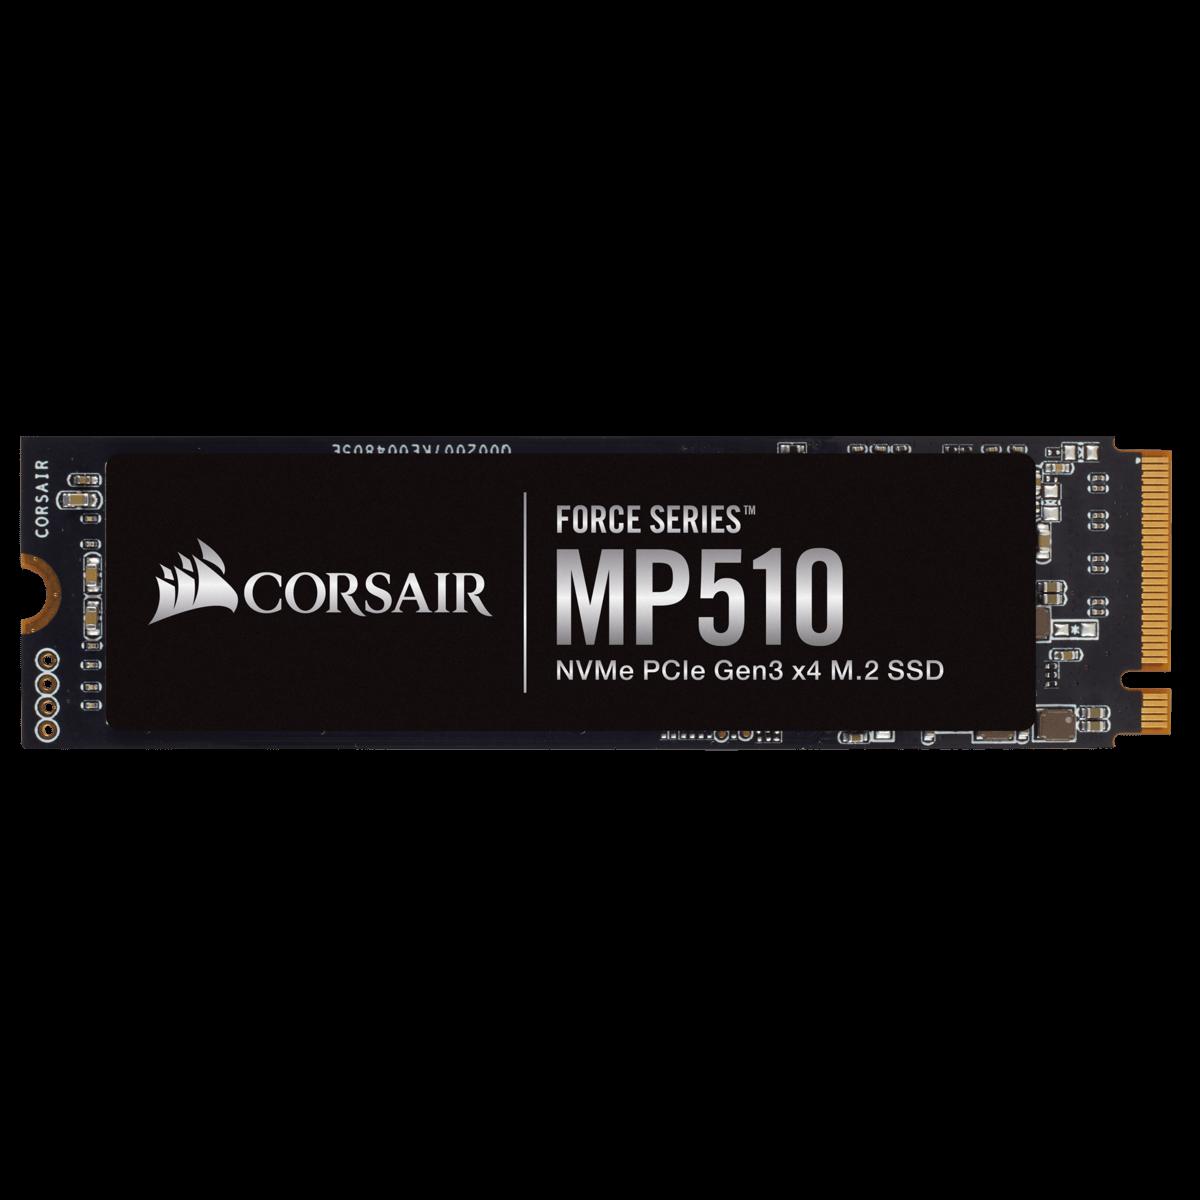 Corsair CSSD-F480GBMP510 480-525Go - Disque SSD Corsair - 2